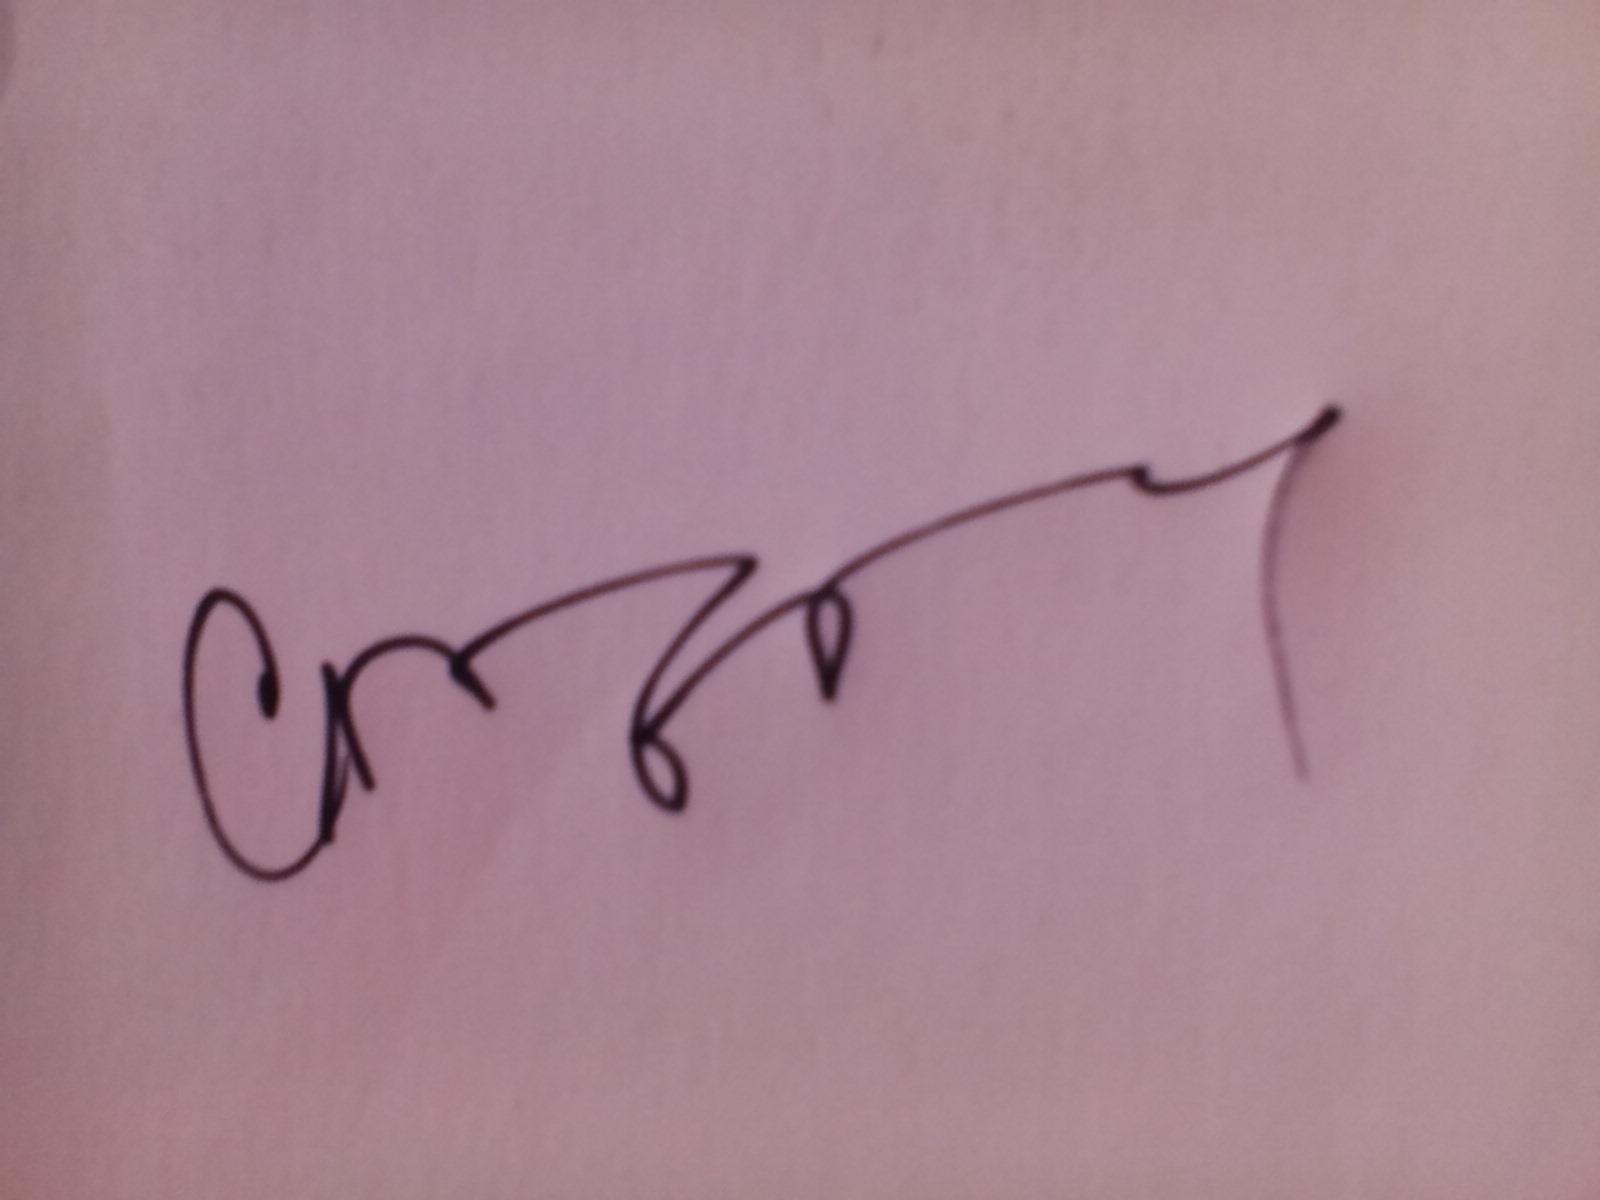 crina iancau's Signature